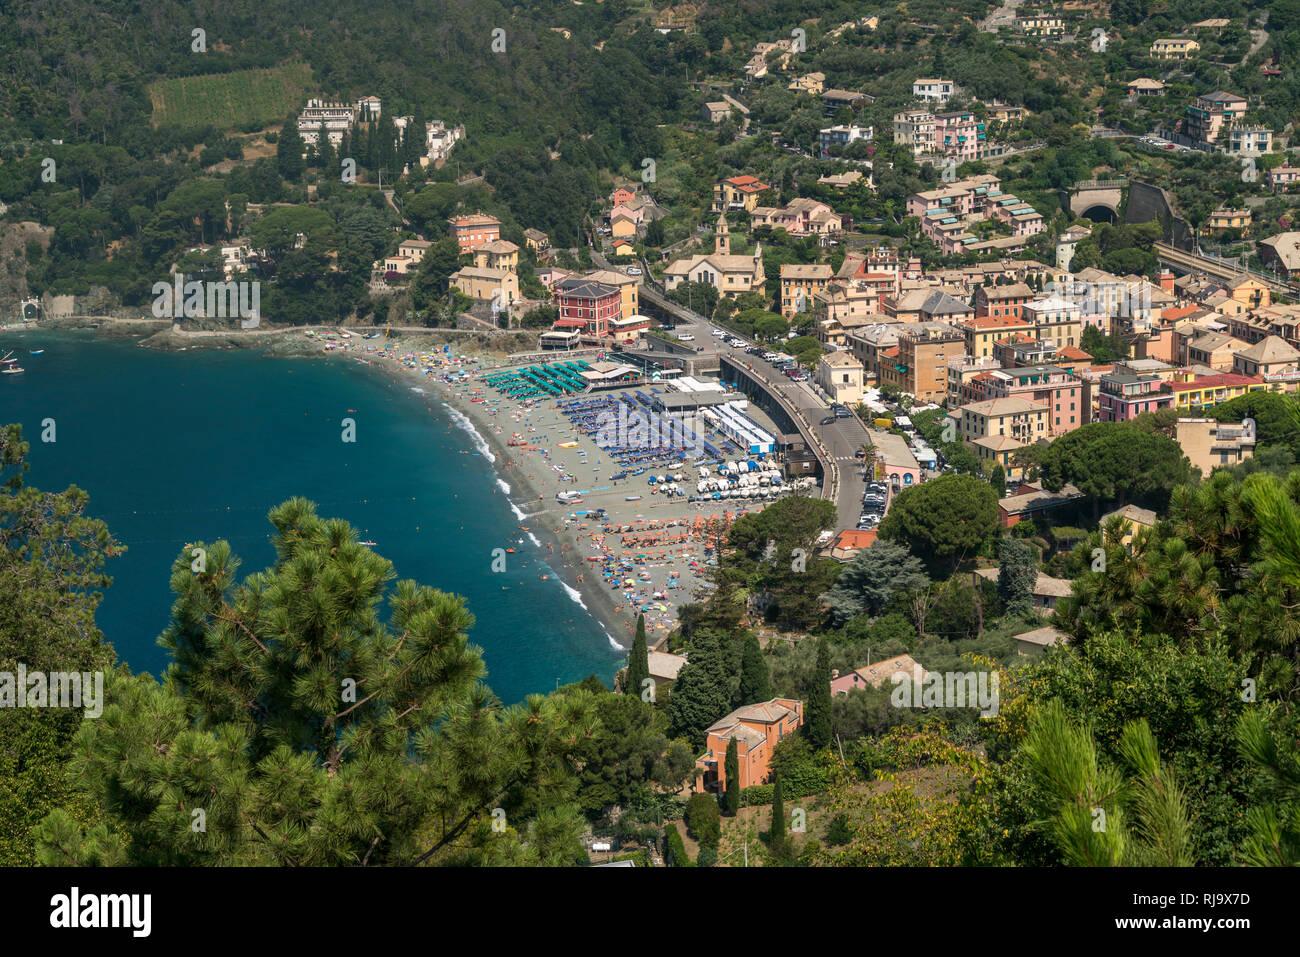 Blick von oben auf Strand und den Ort Levanto, Riviera di Levante, Ligurien, Italien  |  View from above to beach and village Levanto, Riviera di Leva - Stock Image